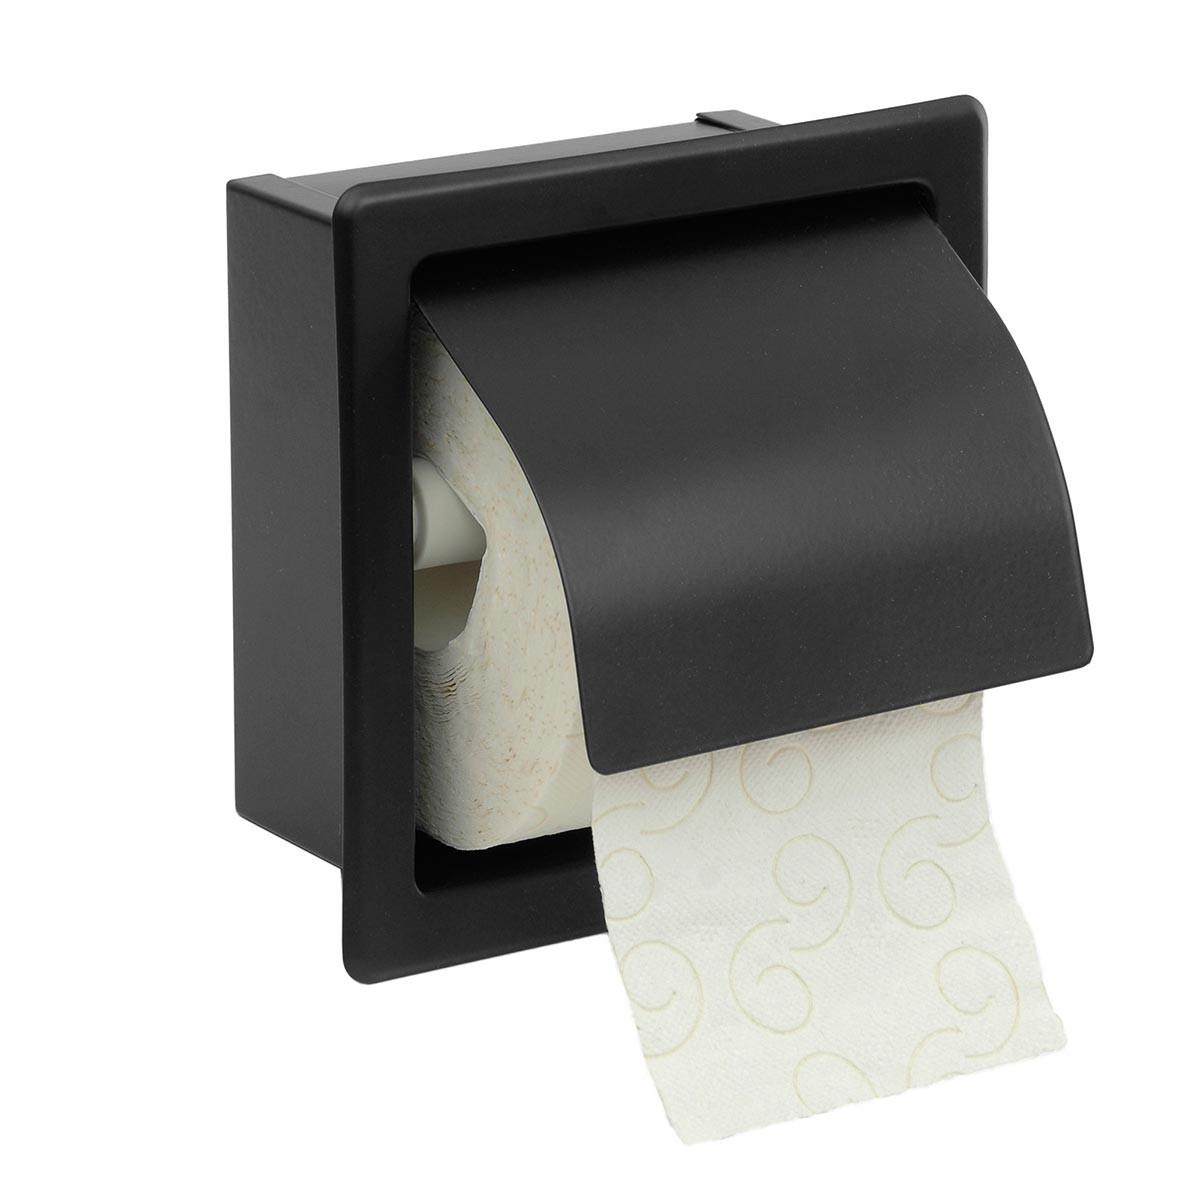 Χαρτοθήκη Με Καπάκι PamCo 109-403 Black Matt